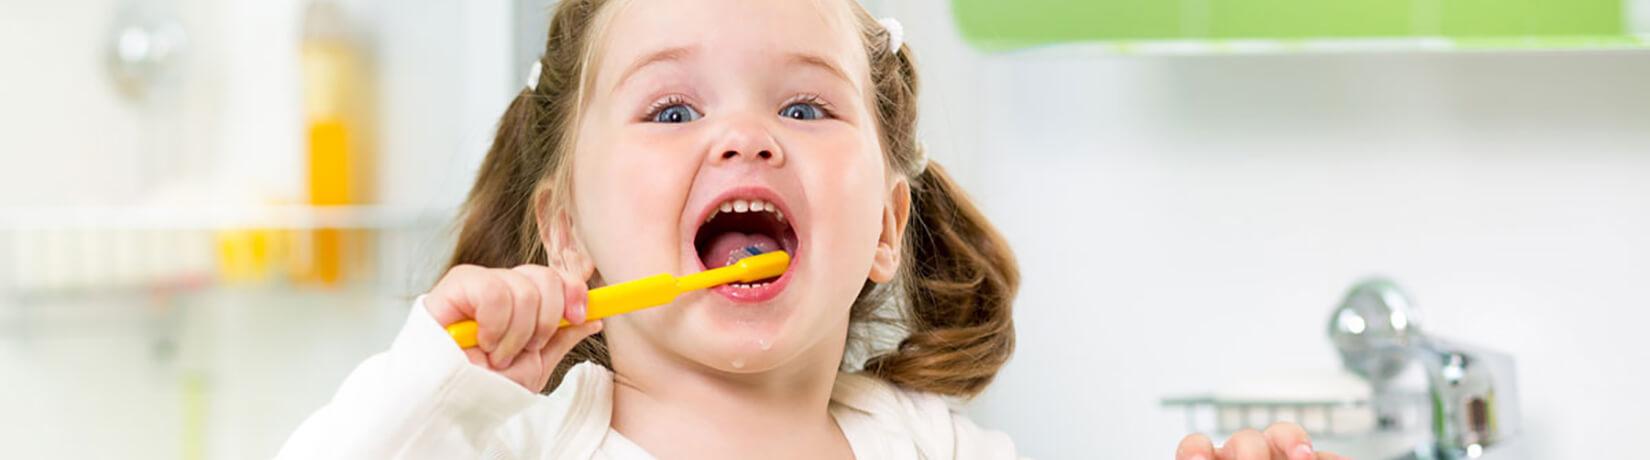 Як привчити дитину чистити зуби: ТОП-5 порад